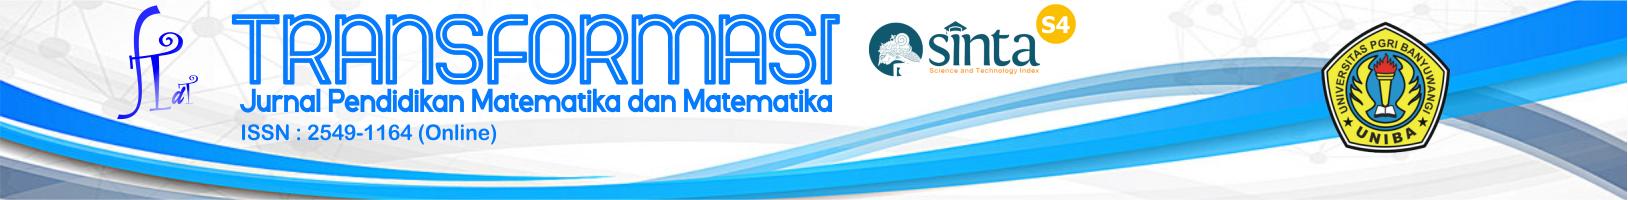 Transformasi : Jurnal Pendidikan Matematika dan Matematika